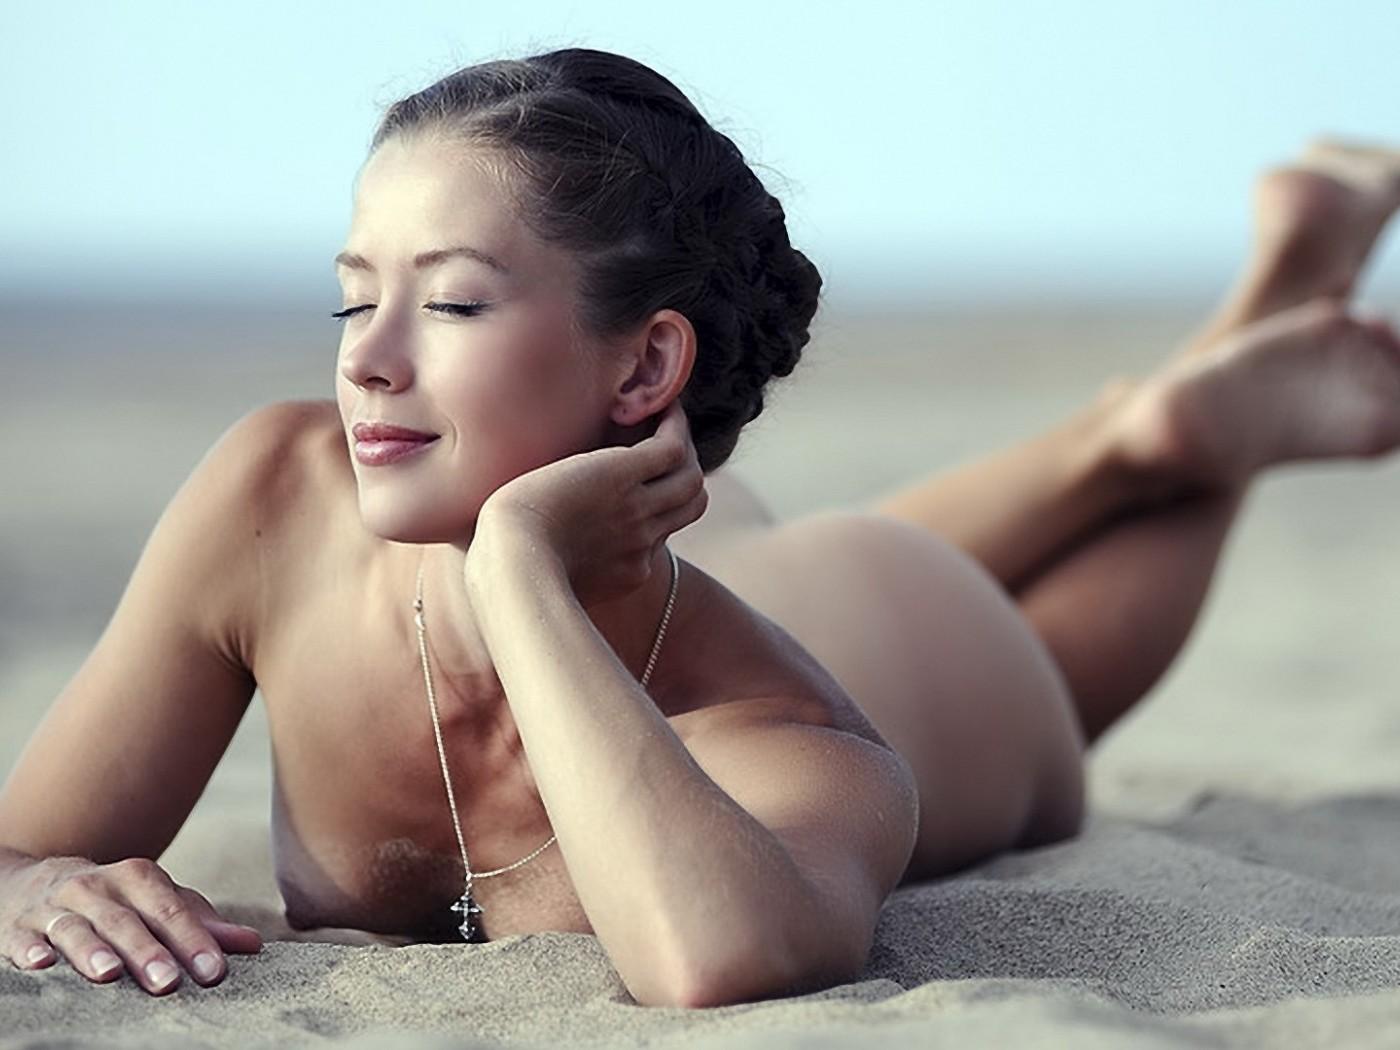 Смотреть фото голых жен, Частное фото голой жены, домашние фото голых жен 8 фотография